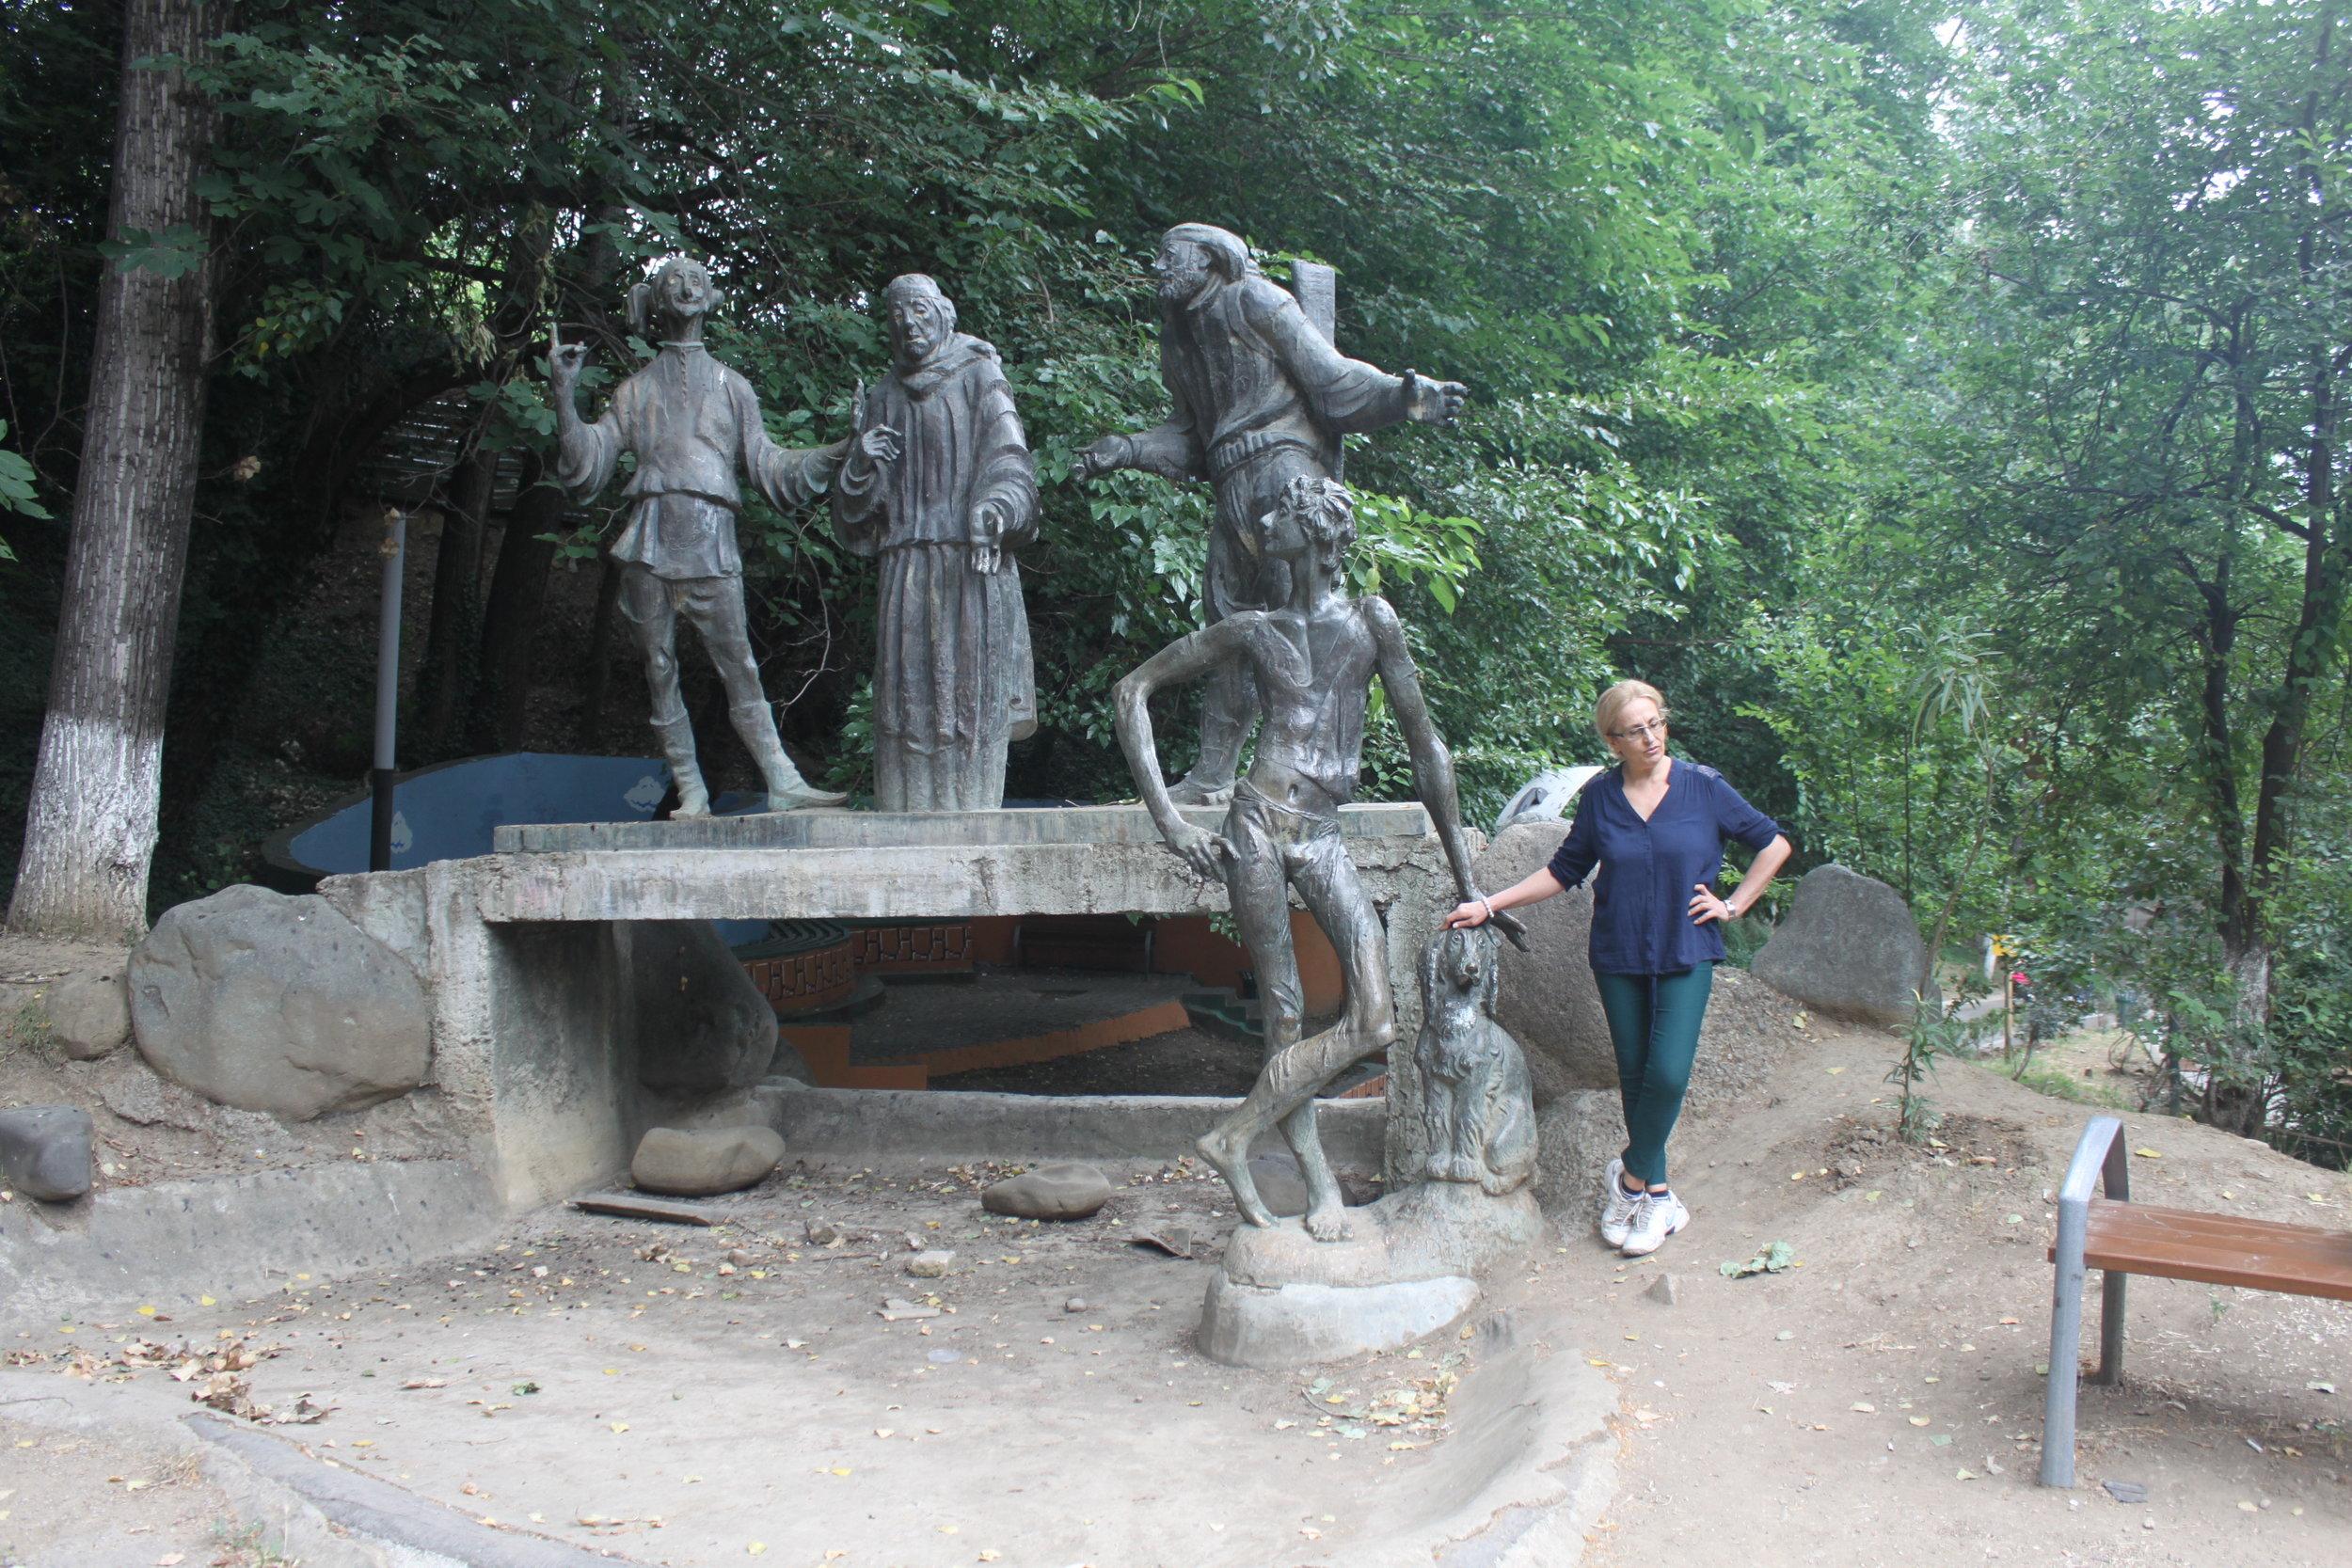 Скульптурная композиция в парке имени писателя: Зурико, его бабушка, Илико, Илларион и собачка Мурада